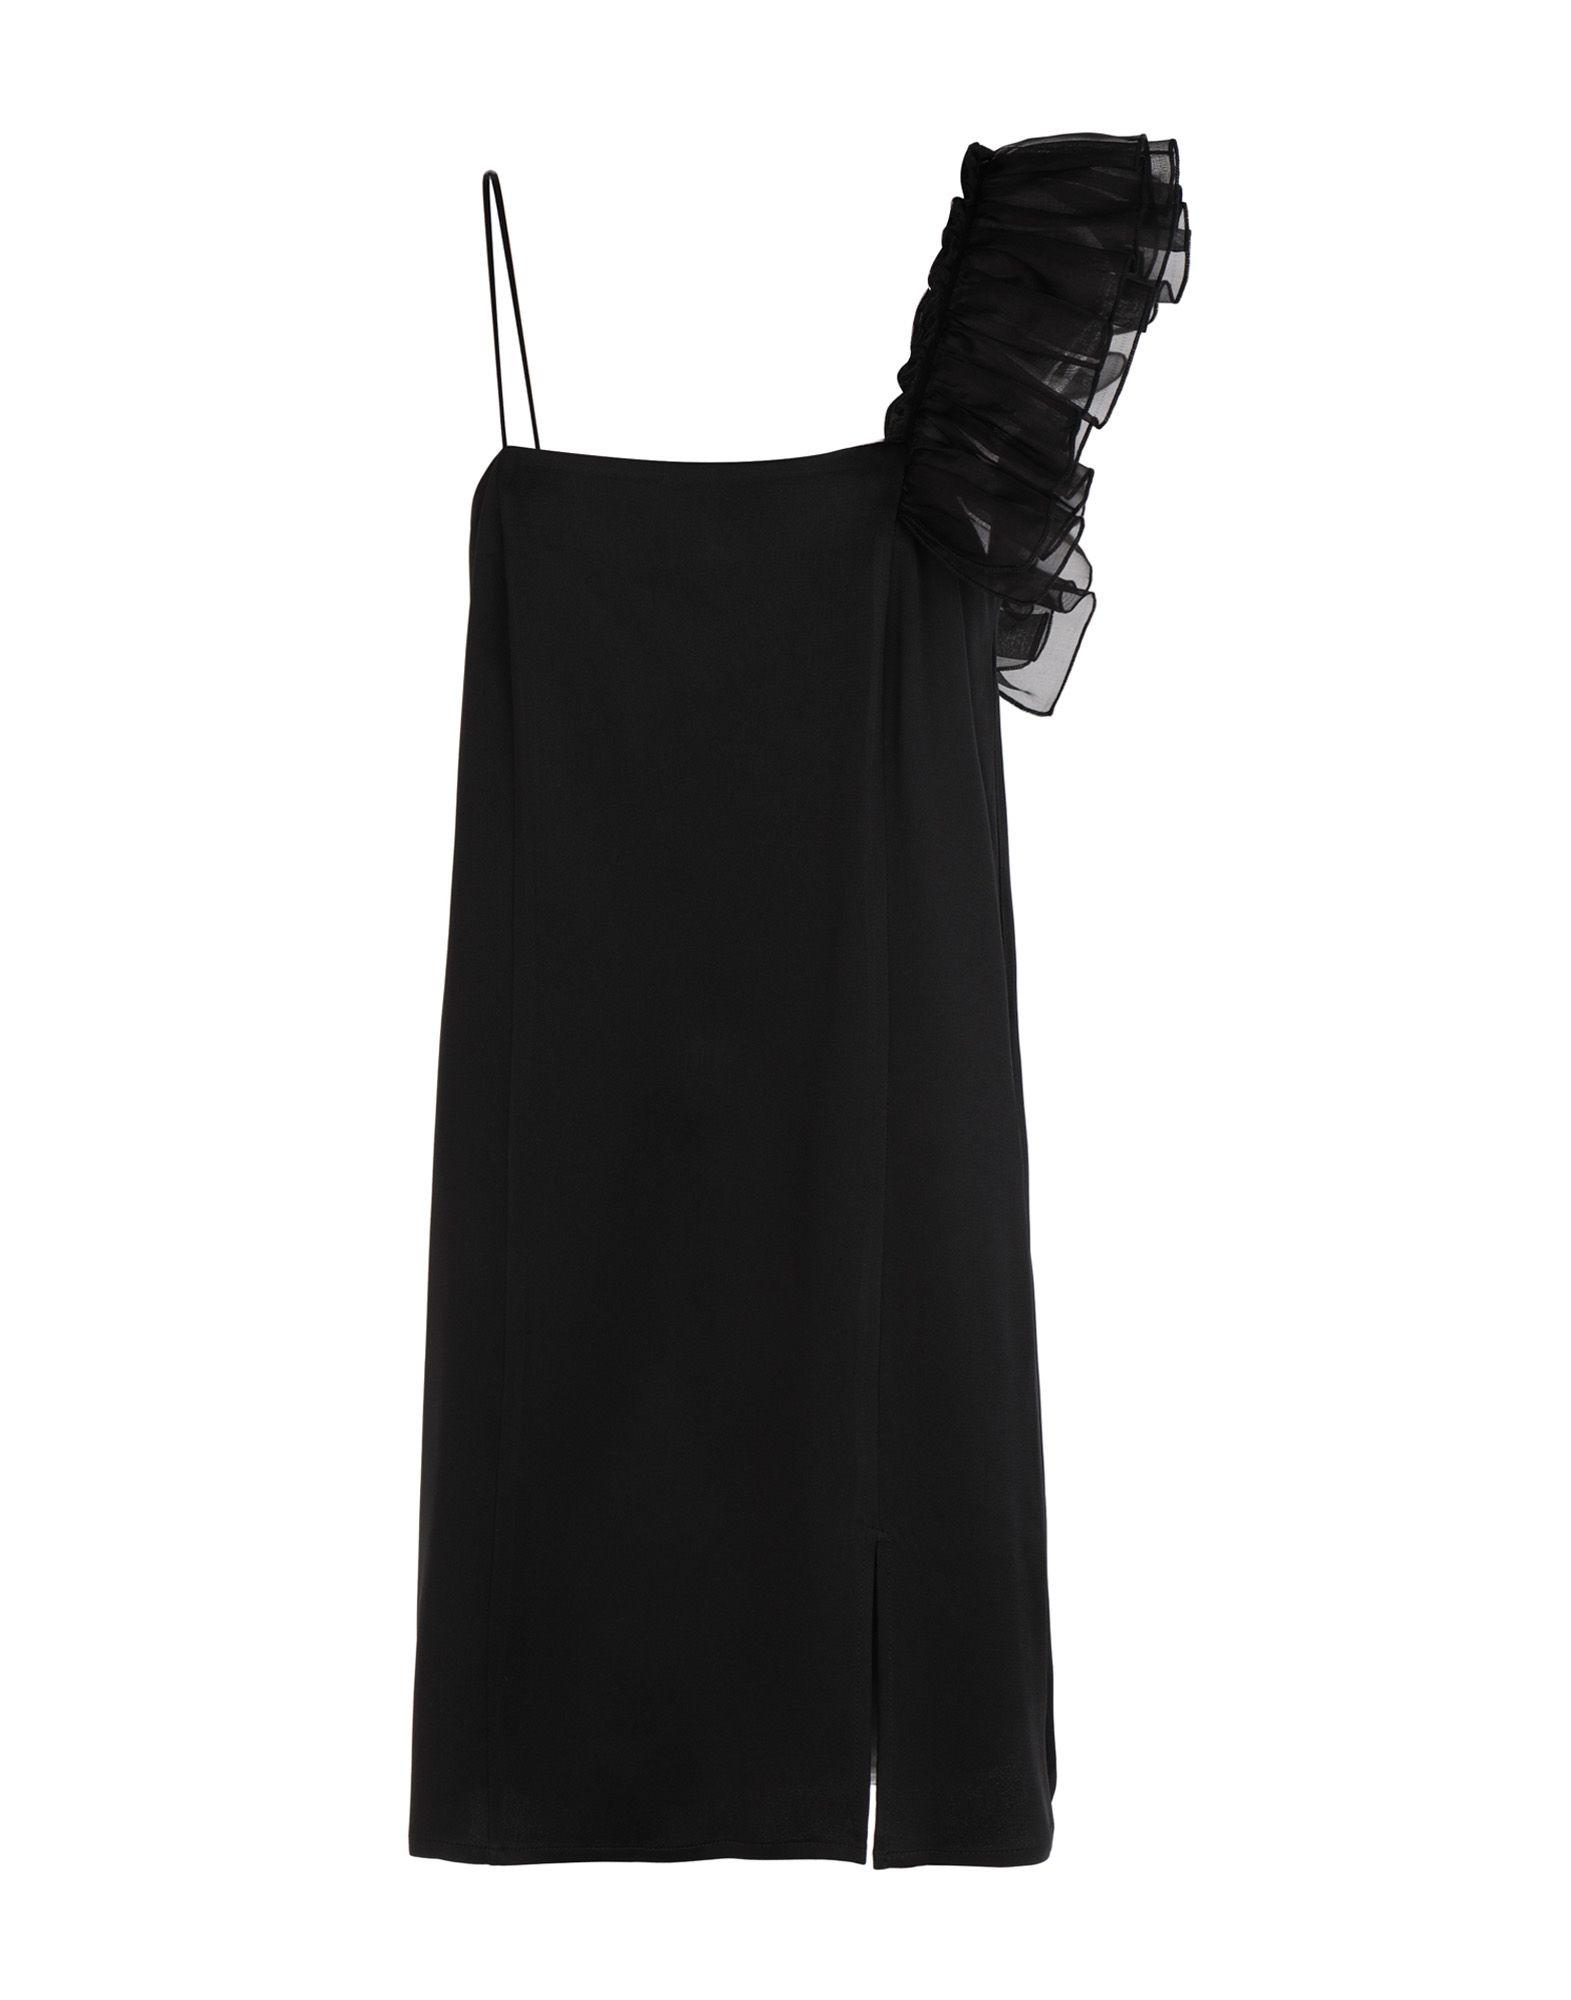 《期間限定セール開催中!》MARIANNA CIMINI レディース ミニワンピース&ドレス ブラック 40 アセテート 58% / レーヨン 42%